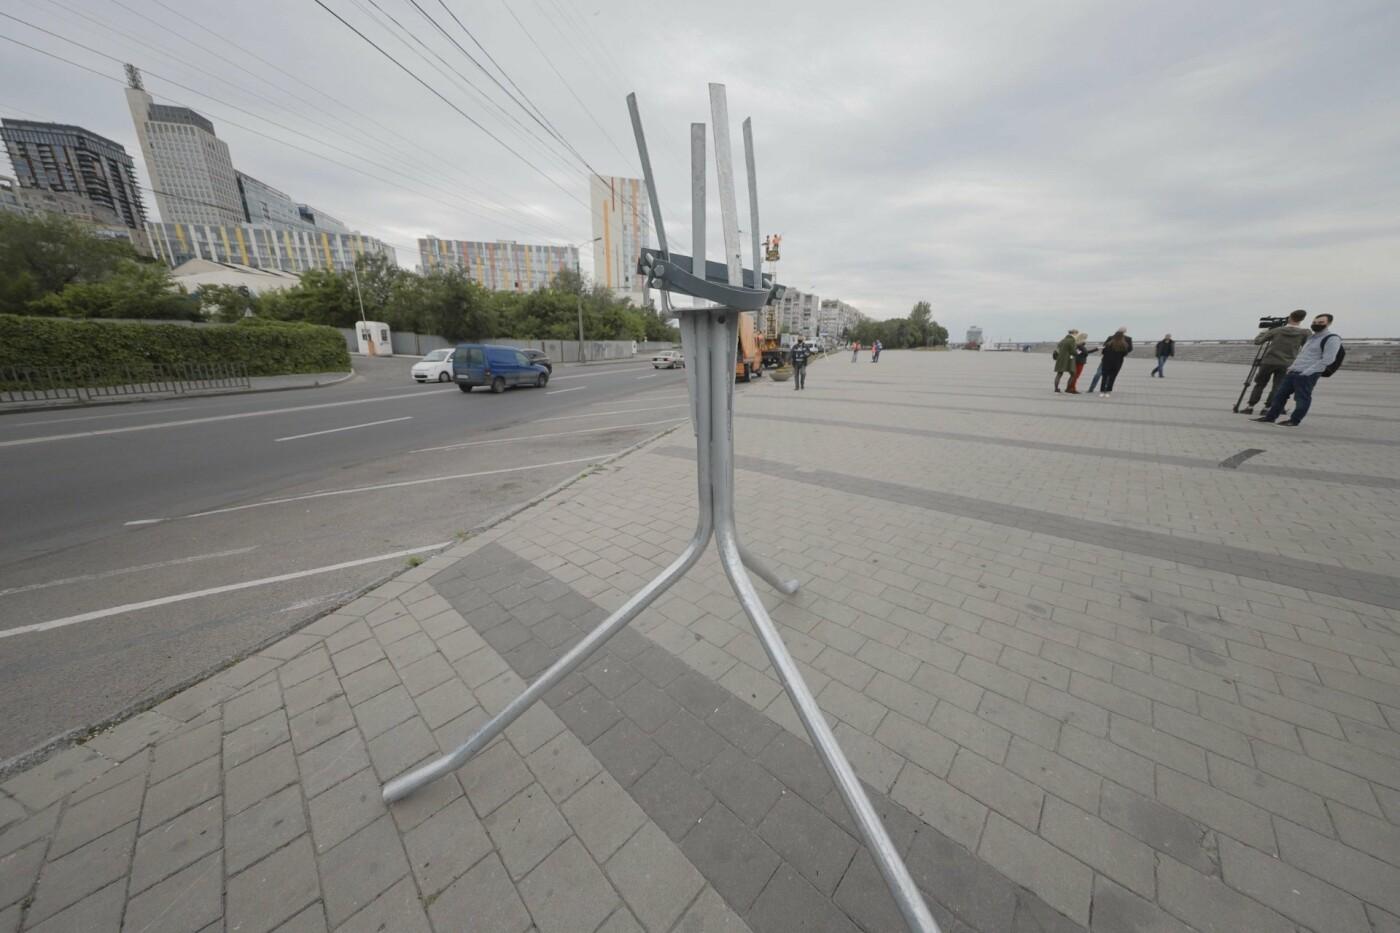 В Днепре продолжают модернизировать уличное освещение, - ФОТО, фото-5